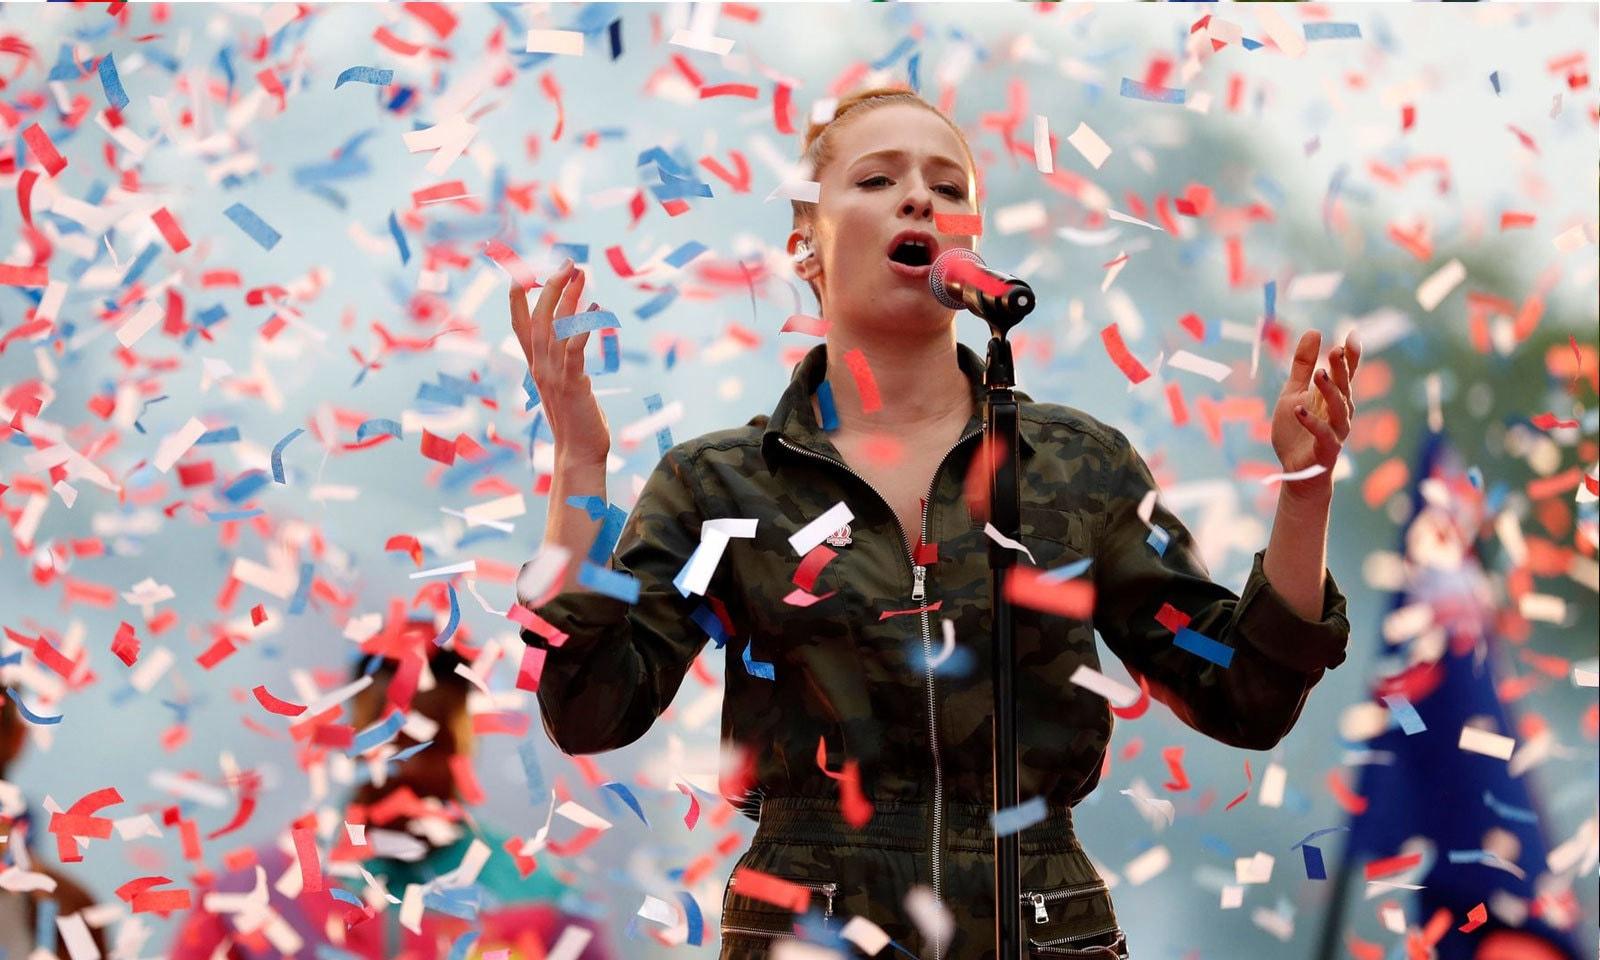 گلوکارہ  لورین اور برطانوی بینڈ روڈی منٹل نے شائقین کو محظوظ کیا — فوٹو: آئی سی سی